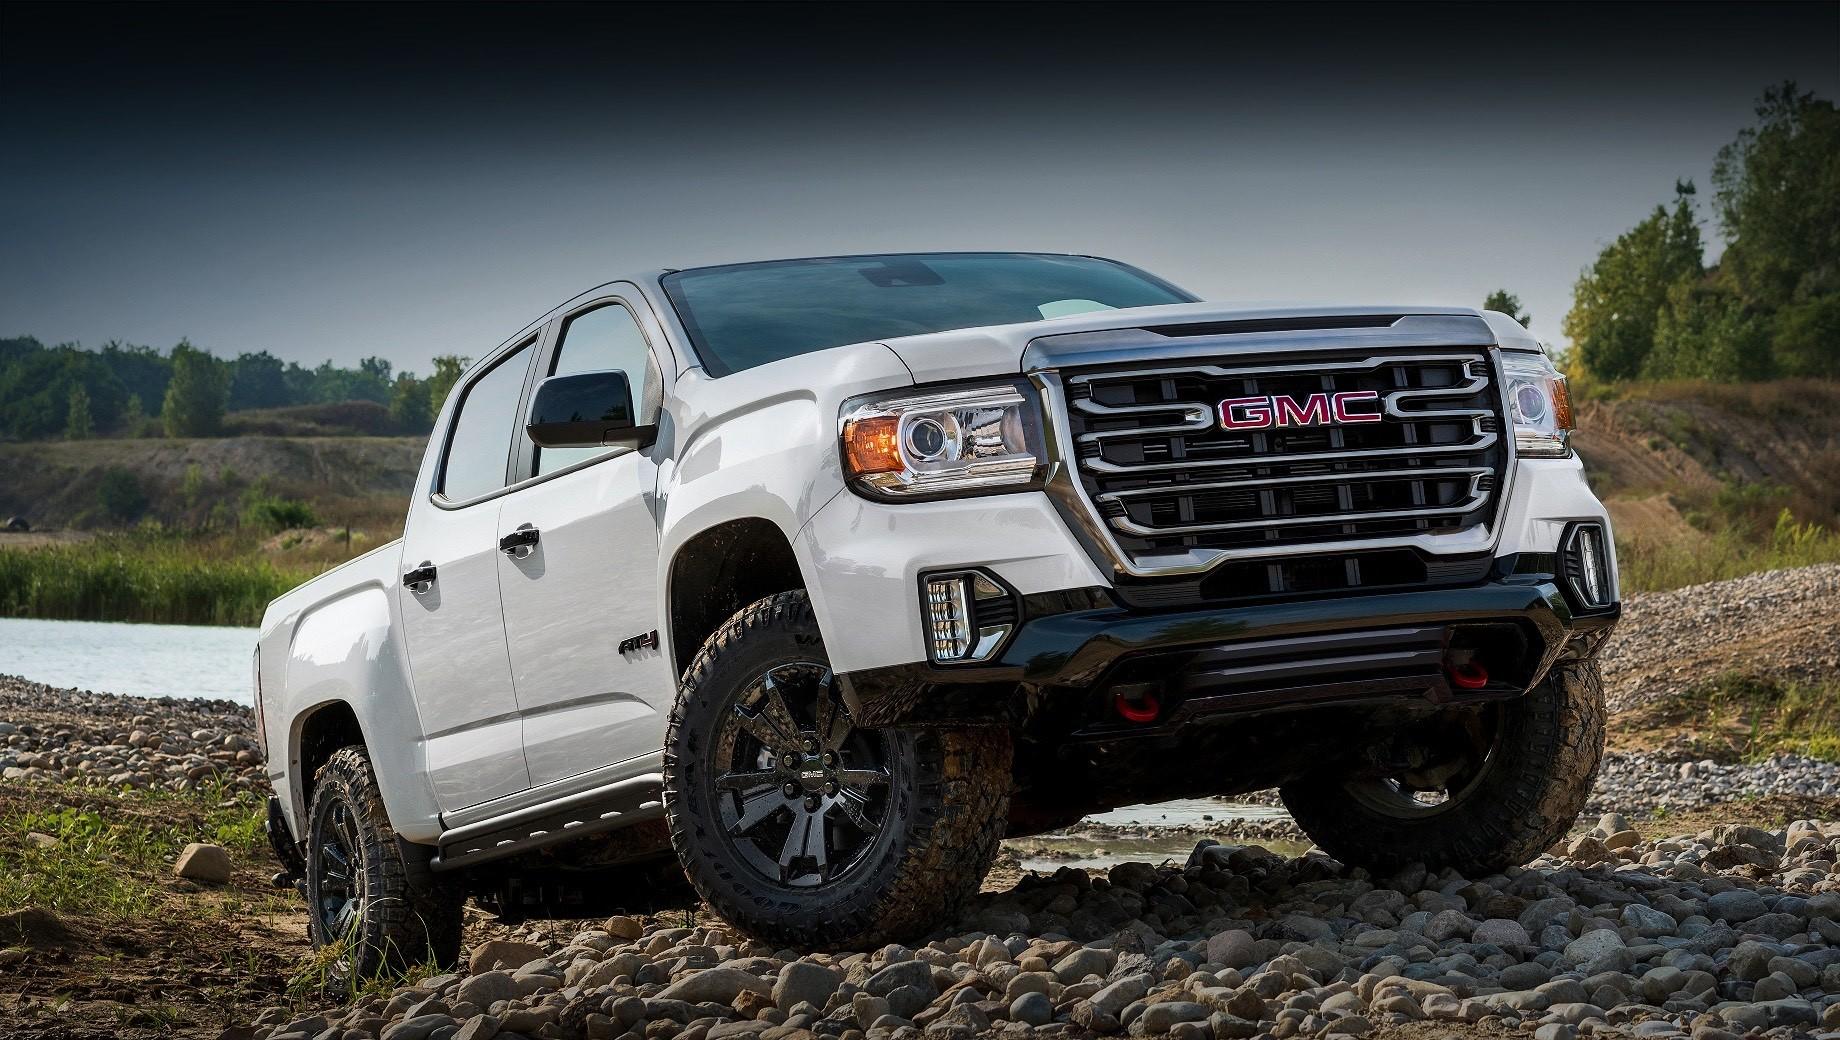 Gmc canyon,Gmc canyon at4. Продажи пикапа GMC Canyon AT4 Off-Road Performance в США начнутся до конца 2020 года, но цены объявят позже. За базовый Canyon AT4 просят $39 395 (три миллиона рублей), и у таких машин по умолчанию есть внедорожные шины Goodyear Wrangler DuraTrac диаметром 31 дюйм и полный привод с задним самоблокирующимся дифференциалом Eaton G80.